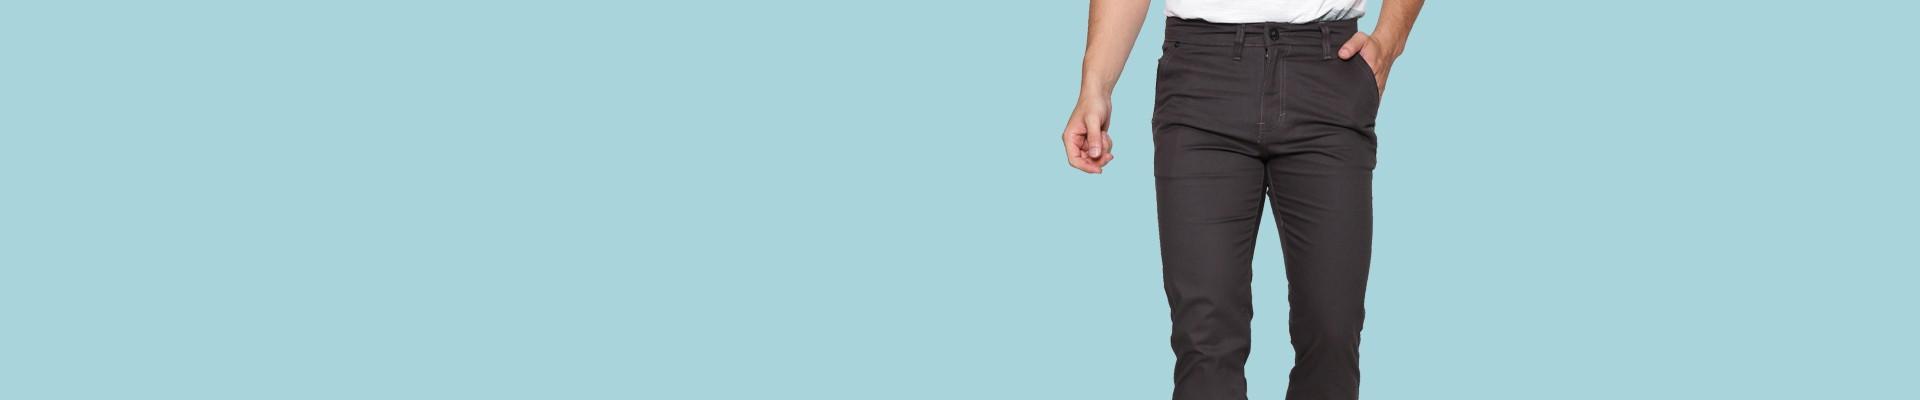 Jual Celana Pria Model & Potongan Terbaru - Harga Celana Pria 2019